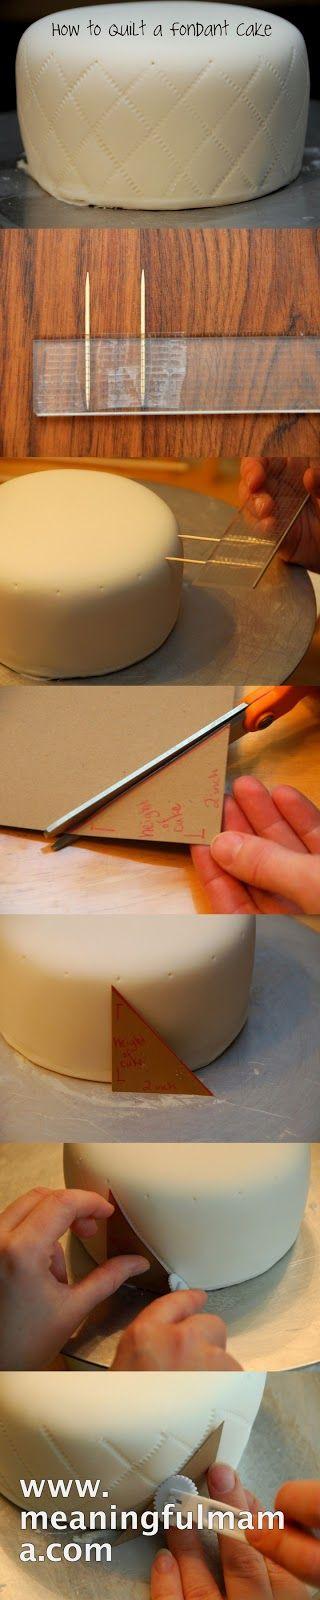 Steppelt díszítési technika